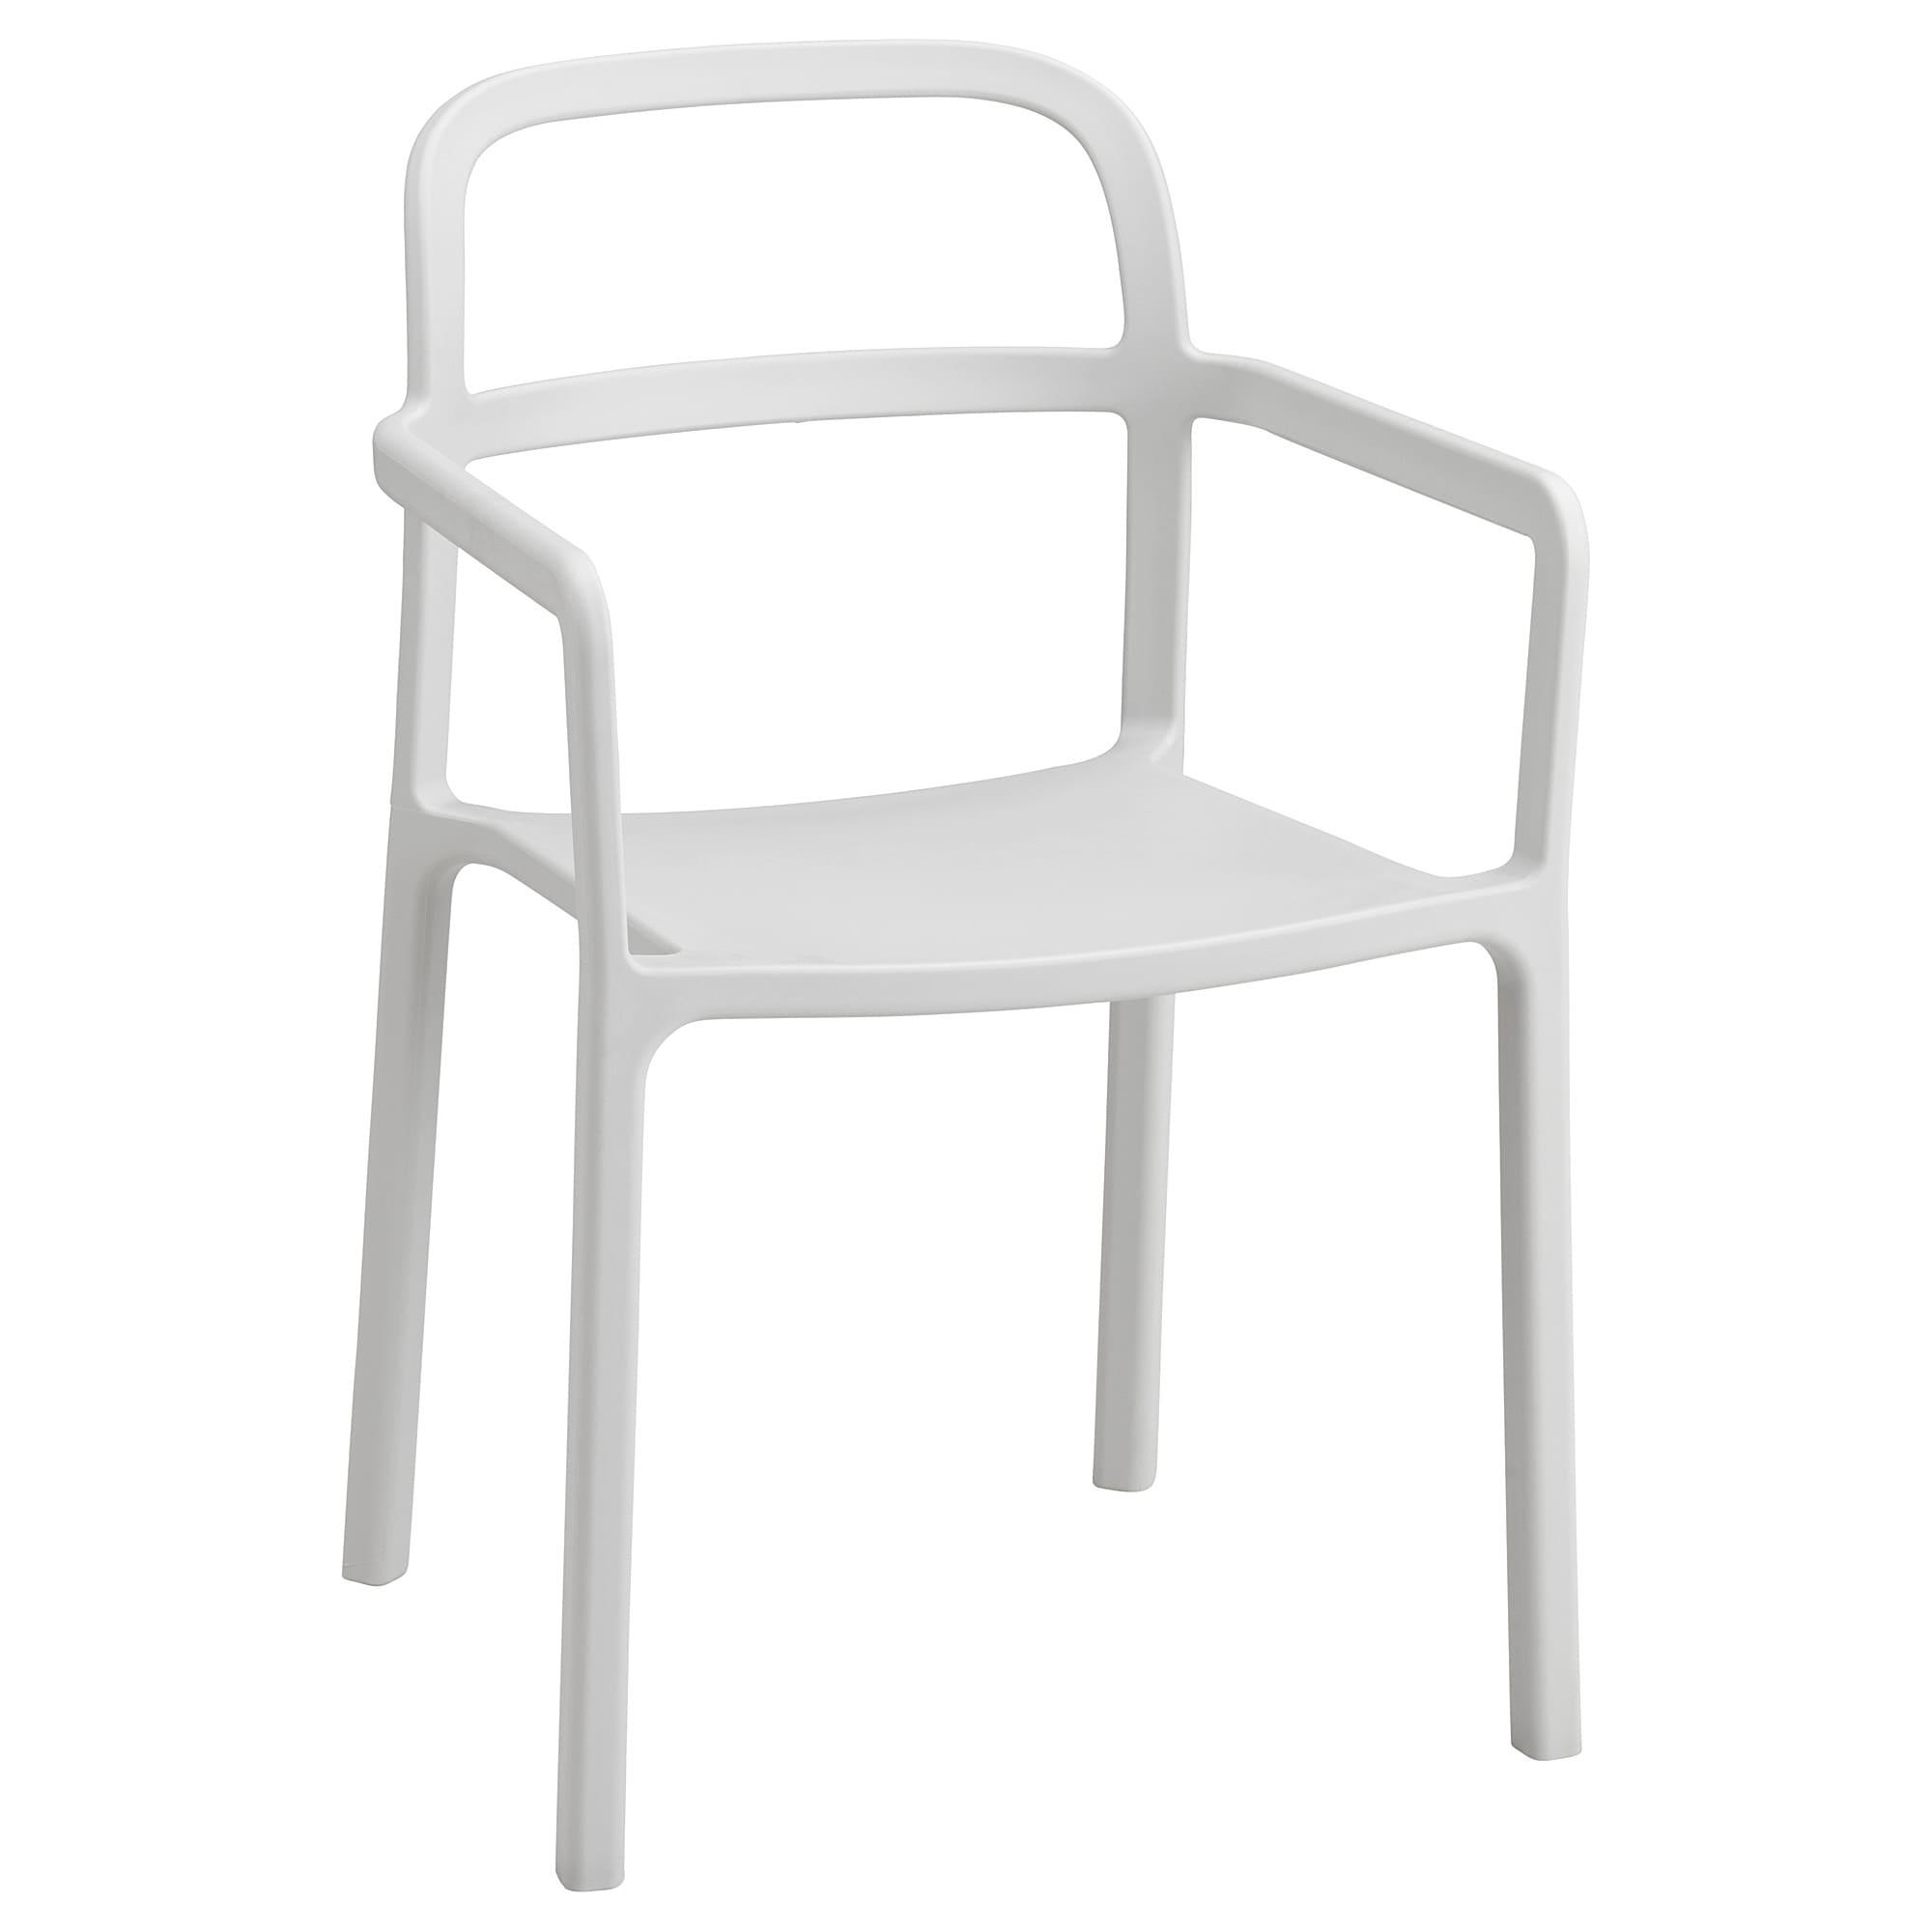 Sillas De Plastico Ikea 8ydm Gunde Silla Plegable Blanco Ikea